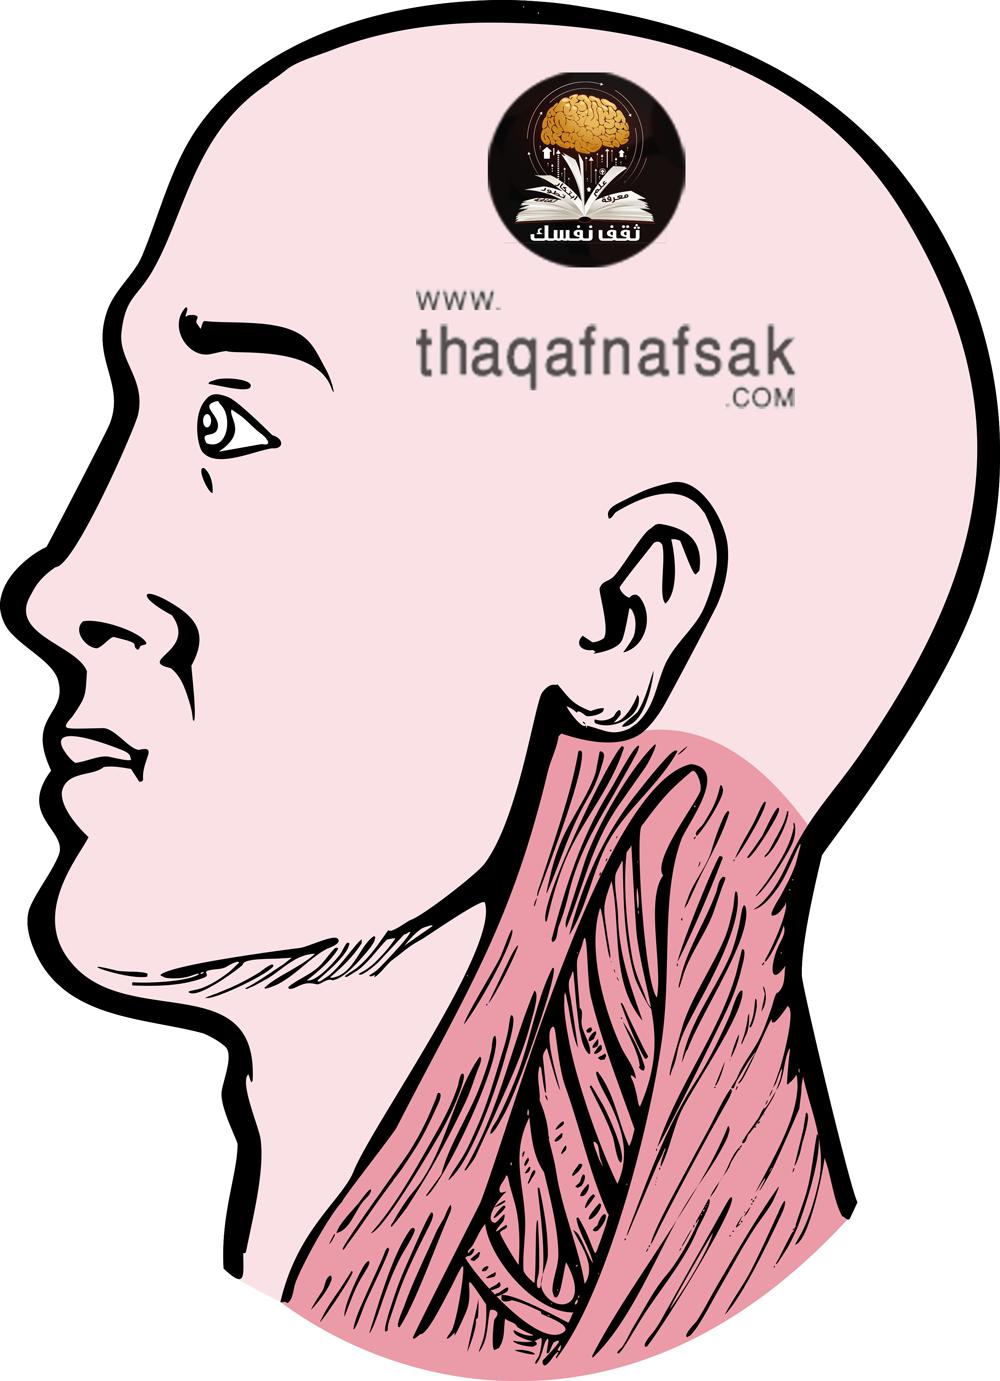 ما الذي يسبب صداع خلف الرأس